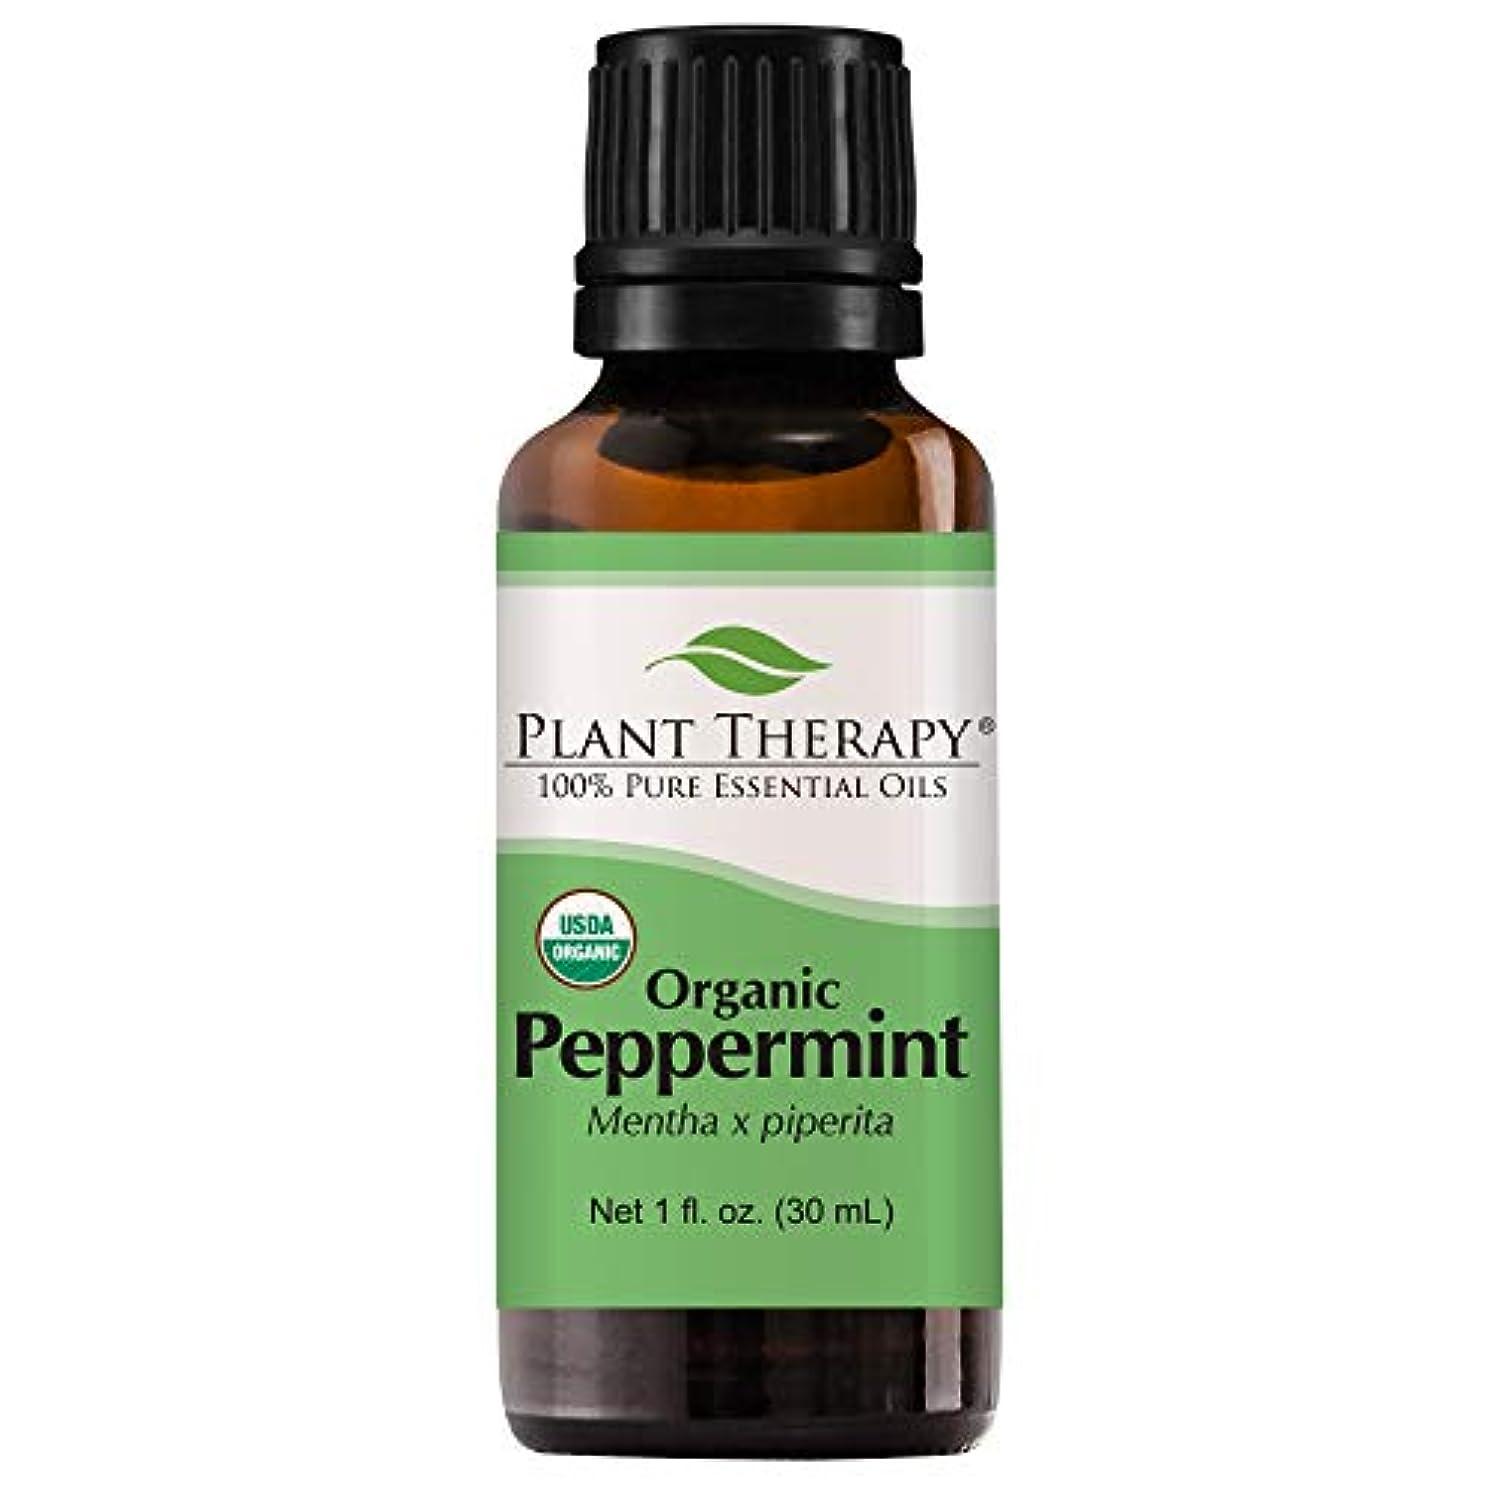 座標ブレーキミリメートル植物セラピーUSDA認定オーガニックペパーミントエッセンシャルオイル。 100%ピュア、希釈していない、治療グレード。 30mLの(1オンス)。